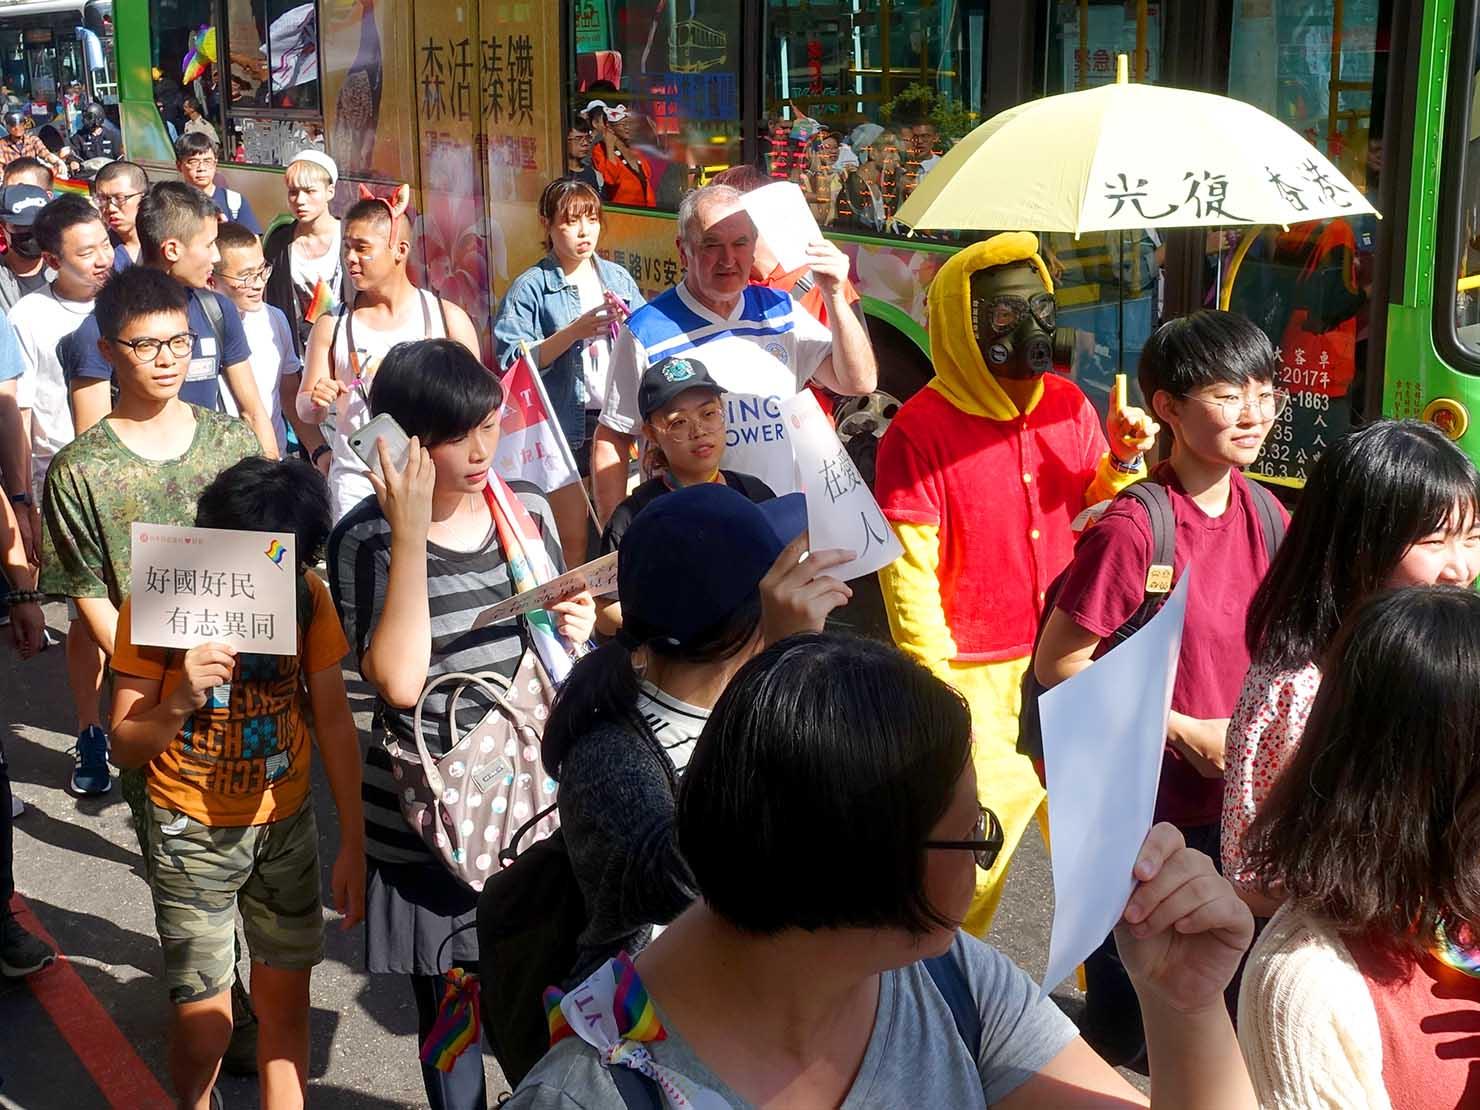 台中同志遊行(台中LGBTプライド)2019のパレードで香港への支持を訴える参加者